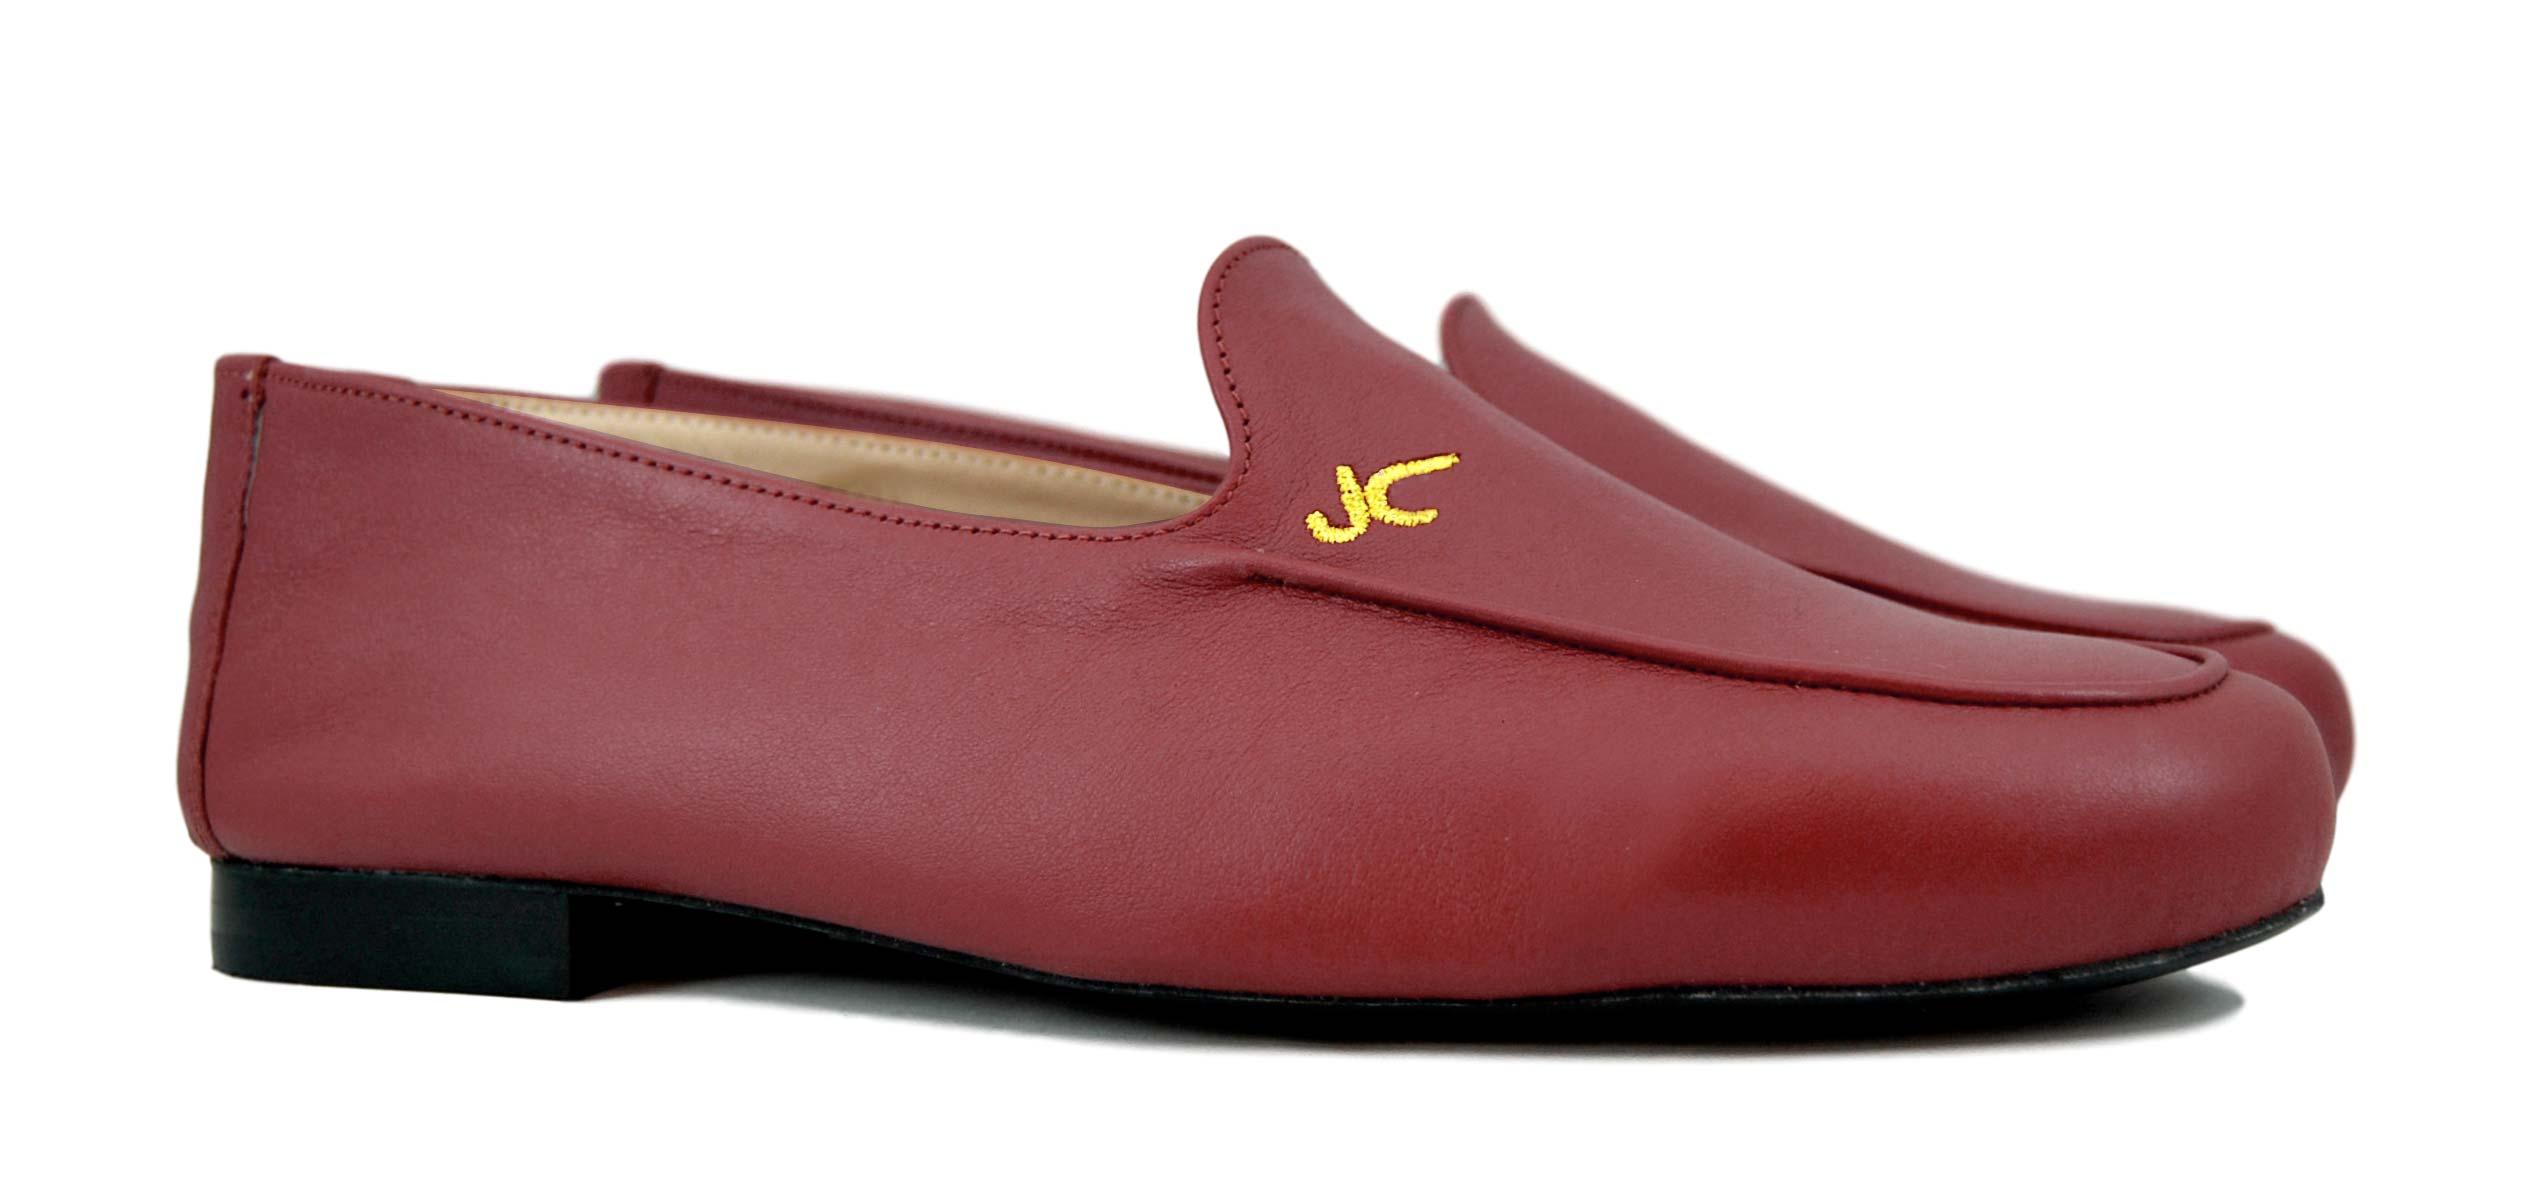 Foto 5 de Zapatos Julio Iglesias Mocasin 528 JC Burdeos Napa